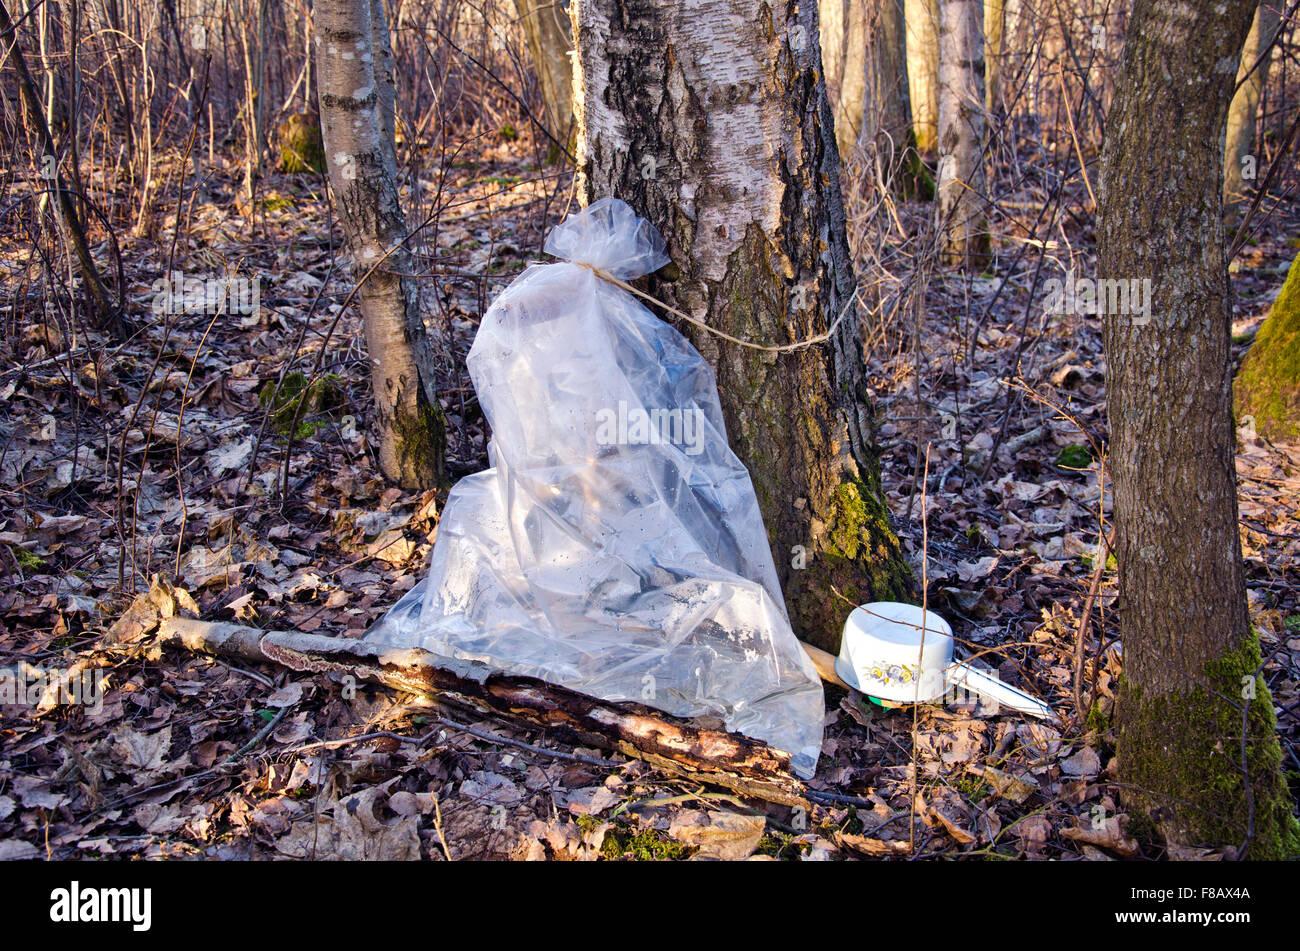 El Abedul Bolsa Una Colección De Plástico Tiempo Primavera Sap En W29IEDHY